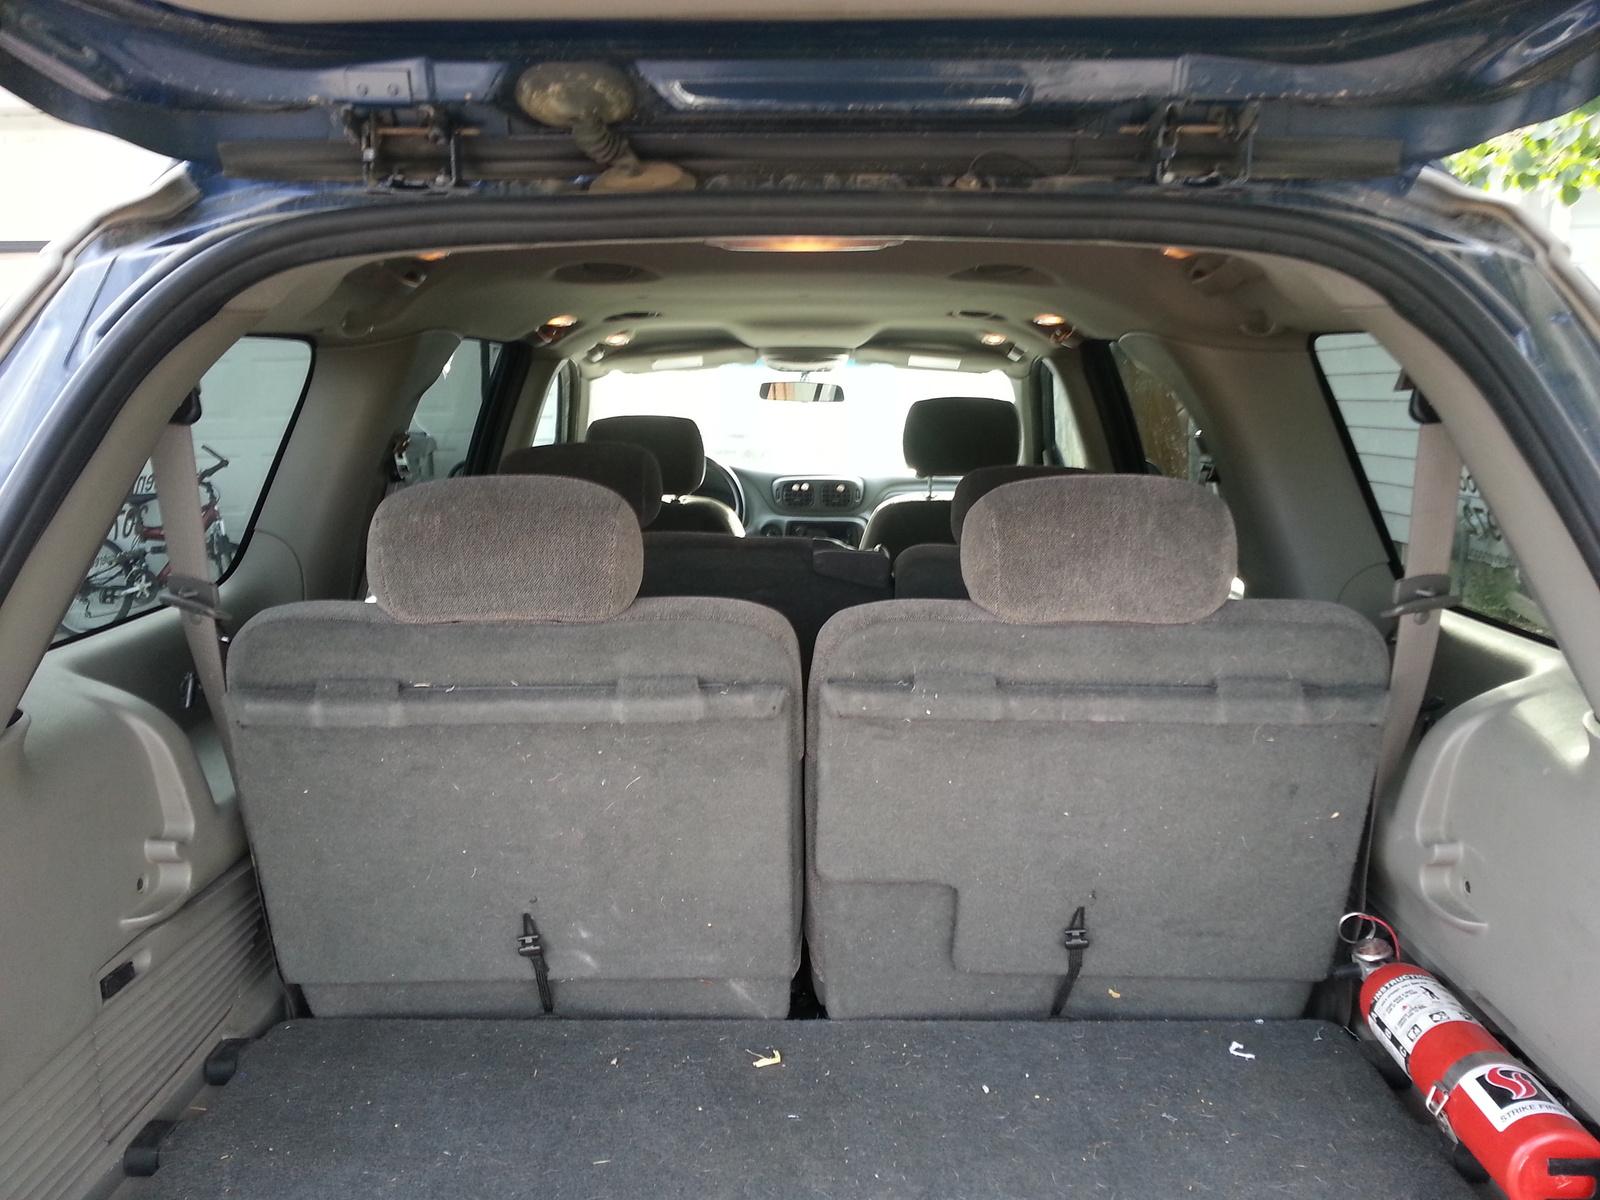 2004 Chevrolet Trailblazer Ext Interior Pictures Cargurus